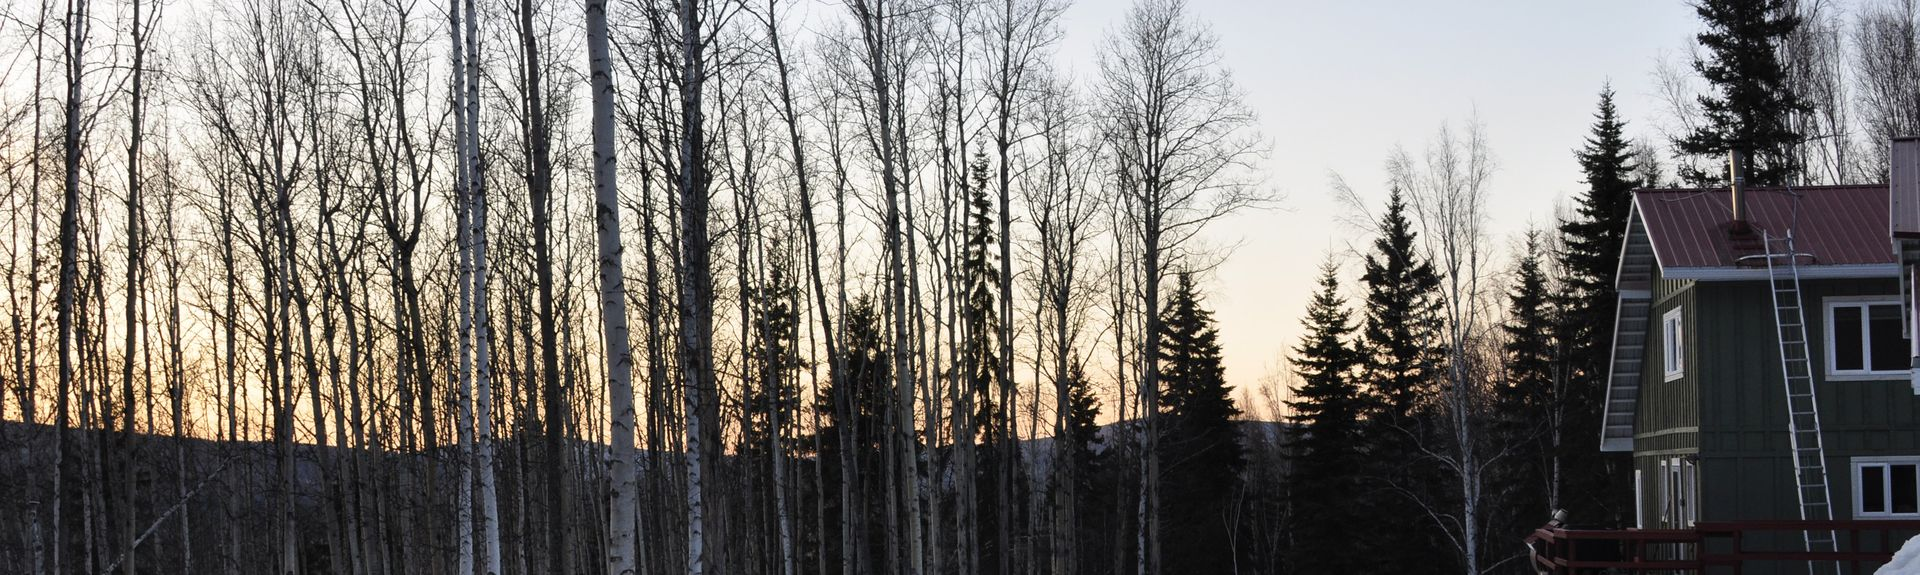 Pioneer Park, Fairbanks, AK, USA